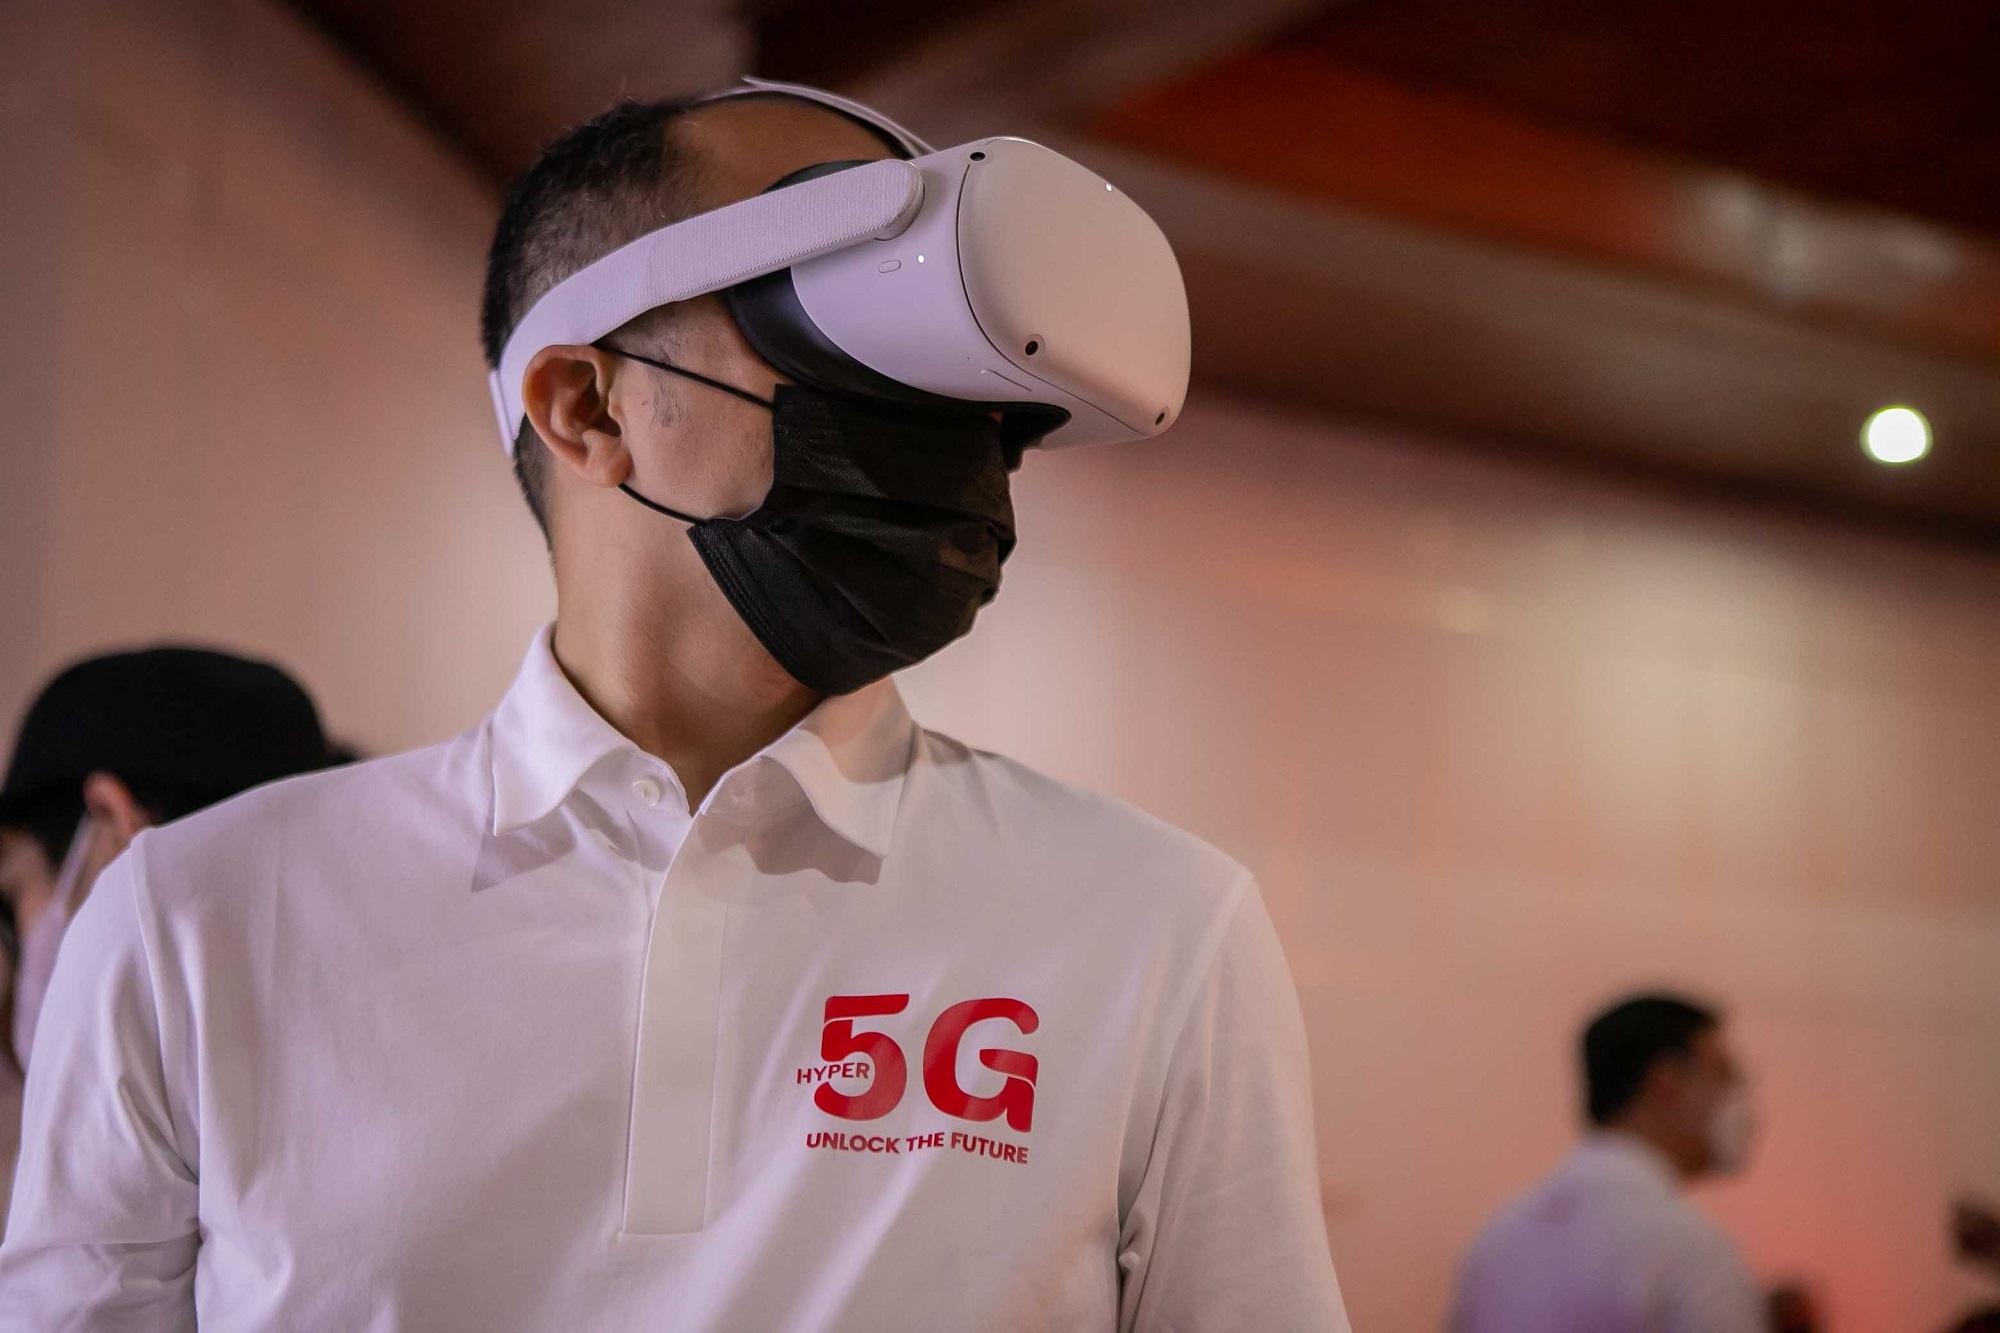 Foto balikpapan, Jaringan 5G, Jaringan 5G telkomsel, medan dan surakarta, Telkomsel, telkomsel luncurkan jaringan 5g